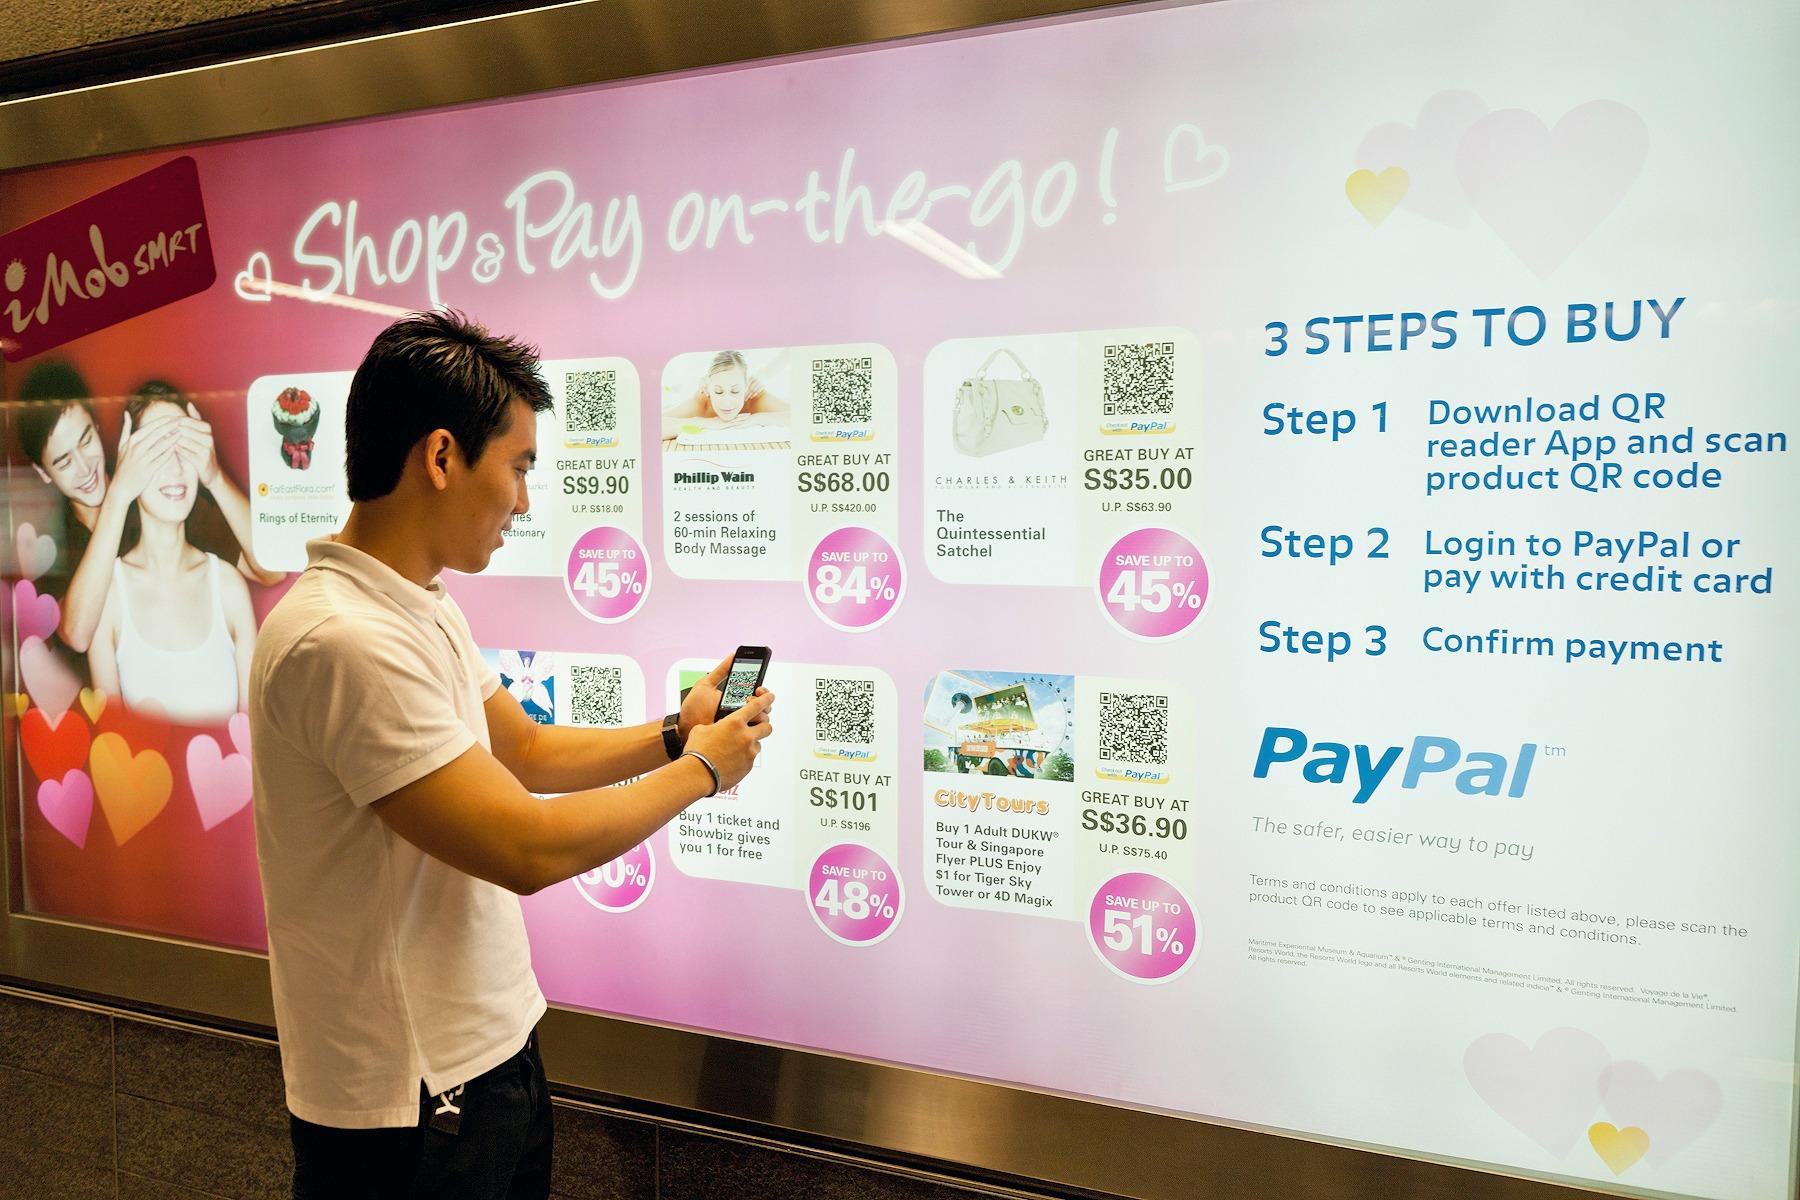 В Азии потребители уже принимают мультиформатность как данность